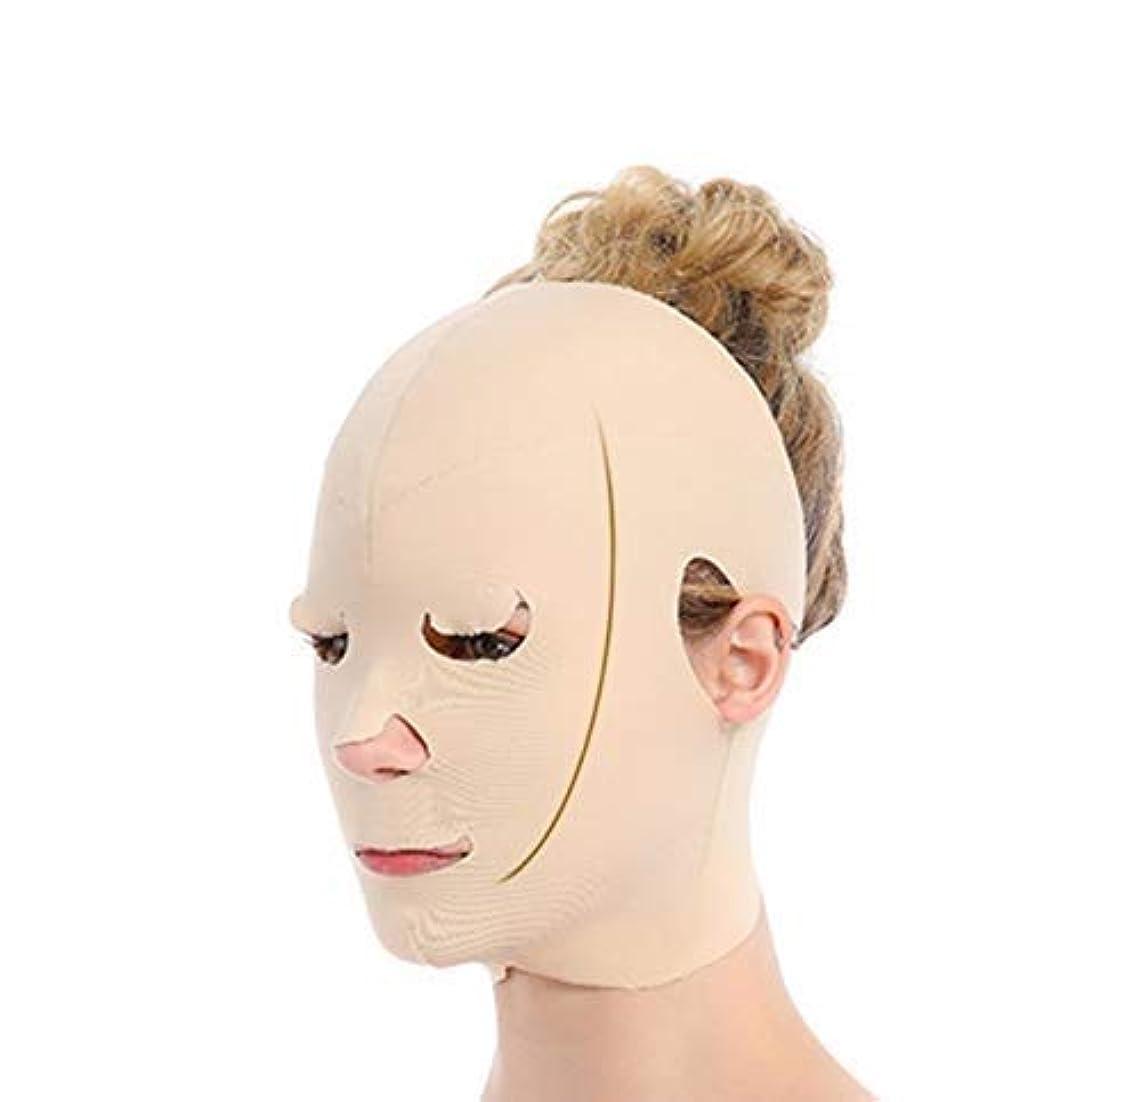 同化する初期の取り囲む小さな顔ツールV顔包帯薄い顔美容マスク怠Faceな睡眠マスク男性と女性V顔包帯整形リフティング引き締め顔薄い二重あご